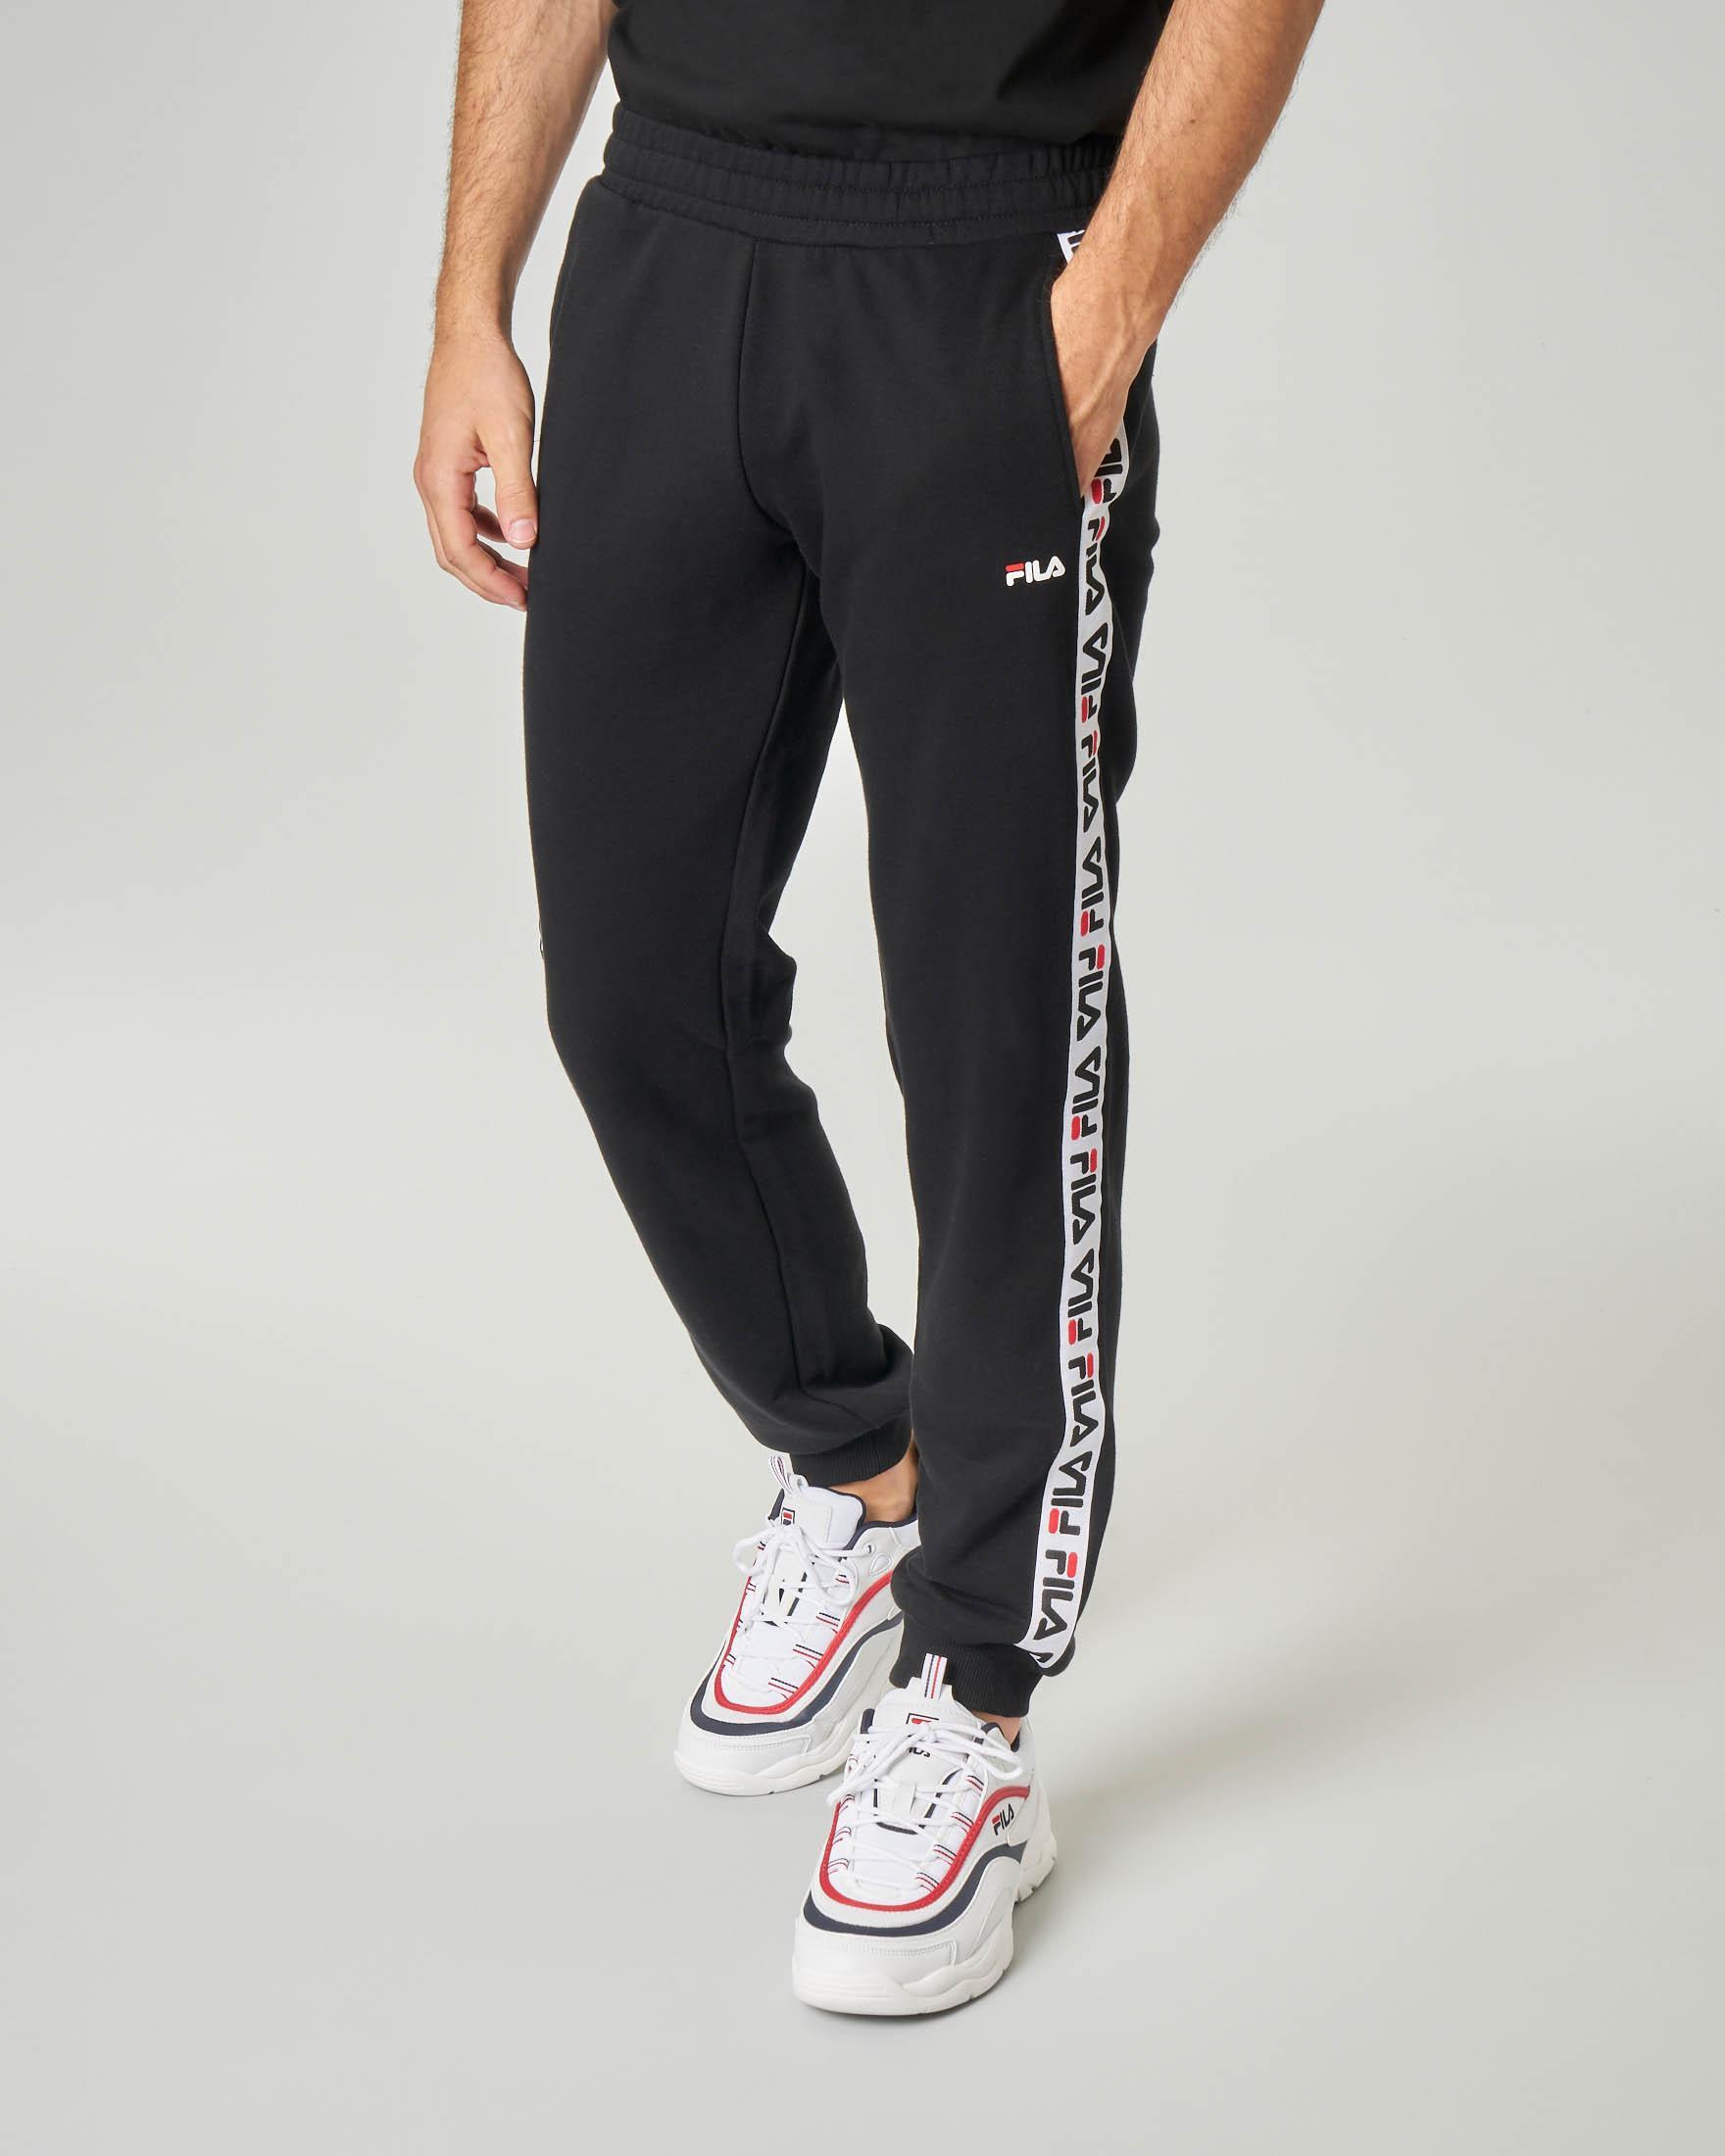 Pantalone in felpa nero con banda logata sui fianchi